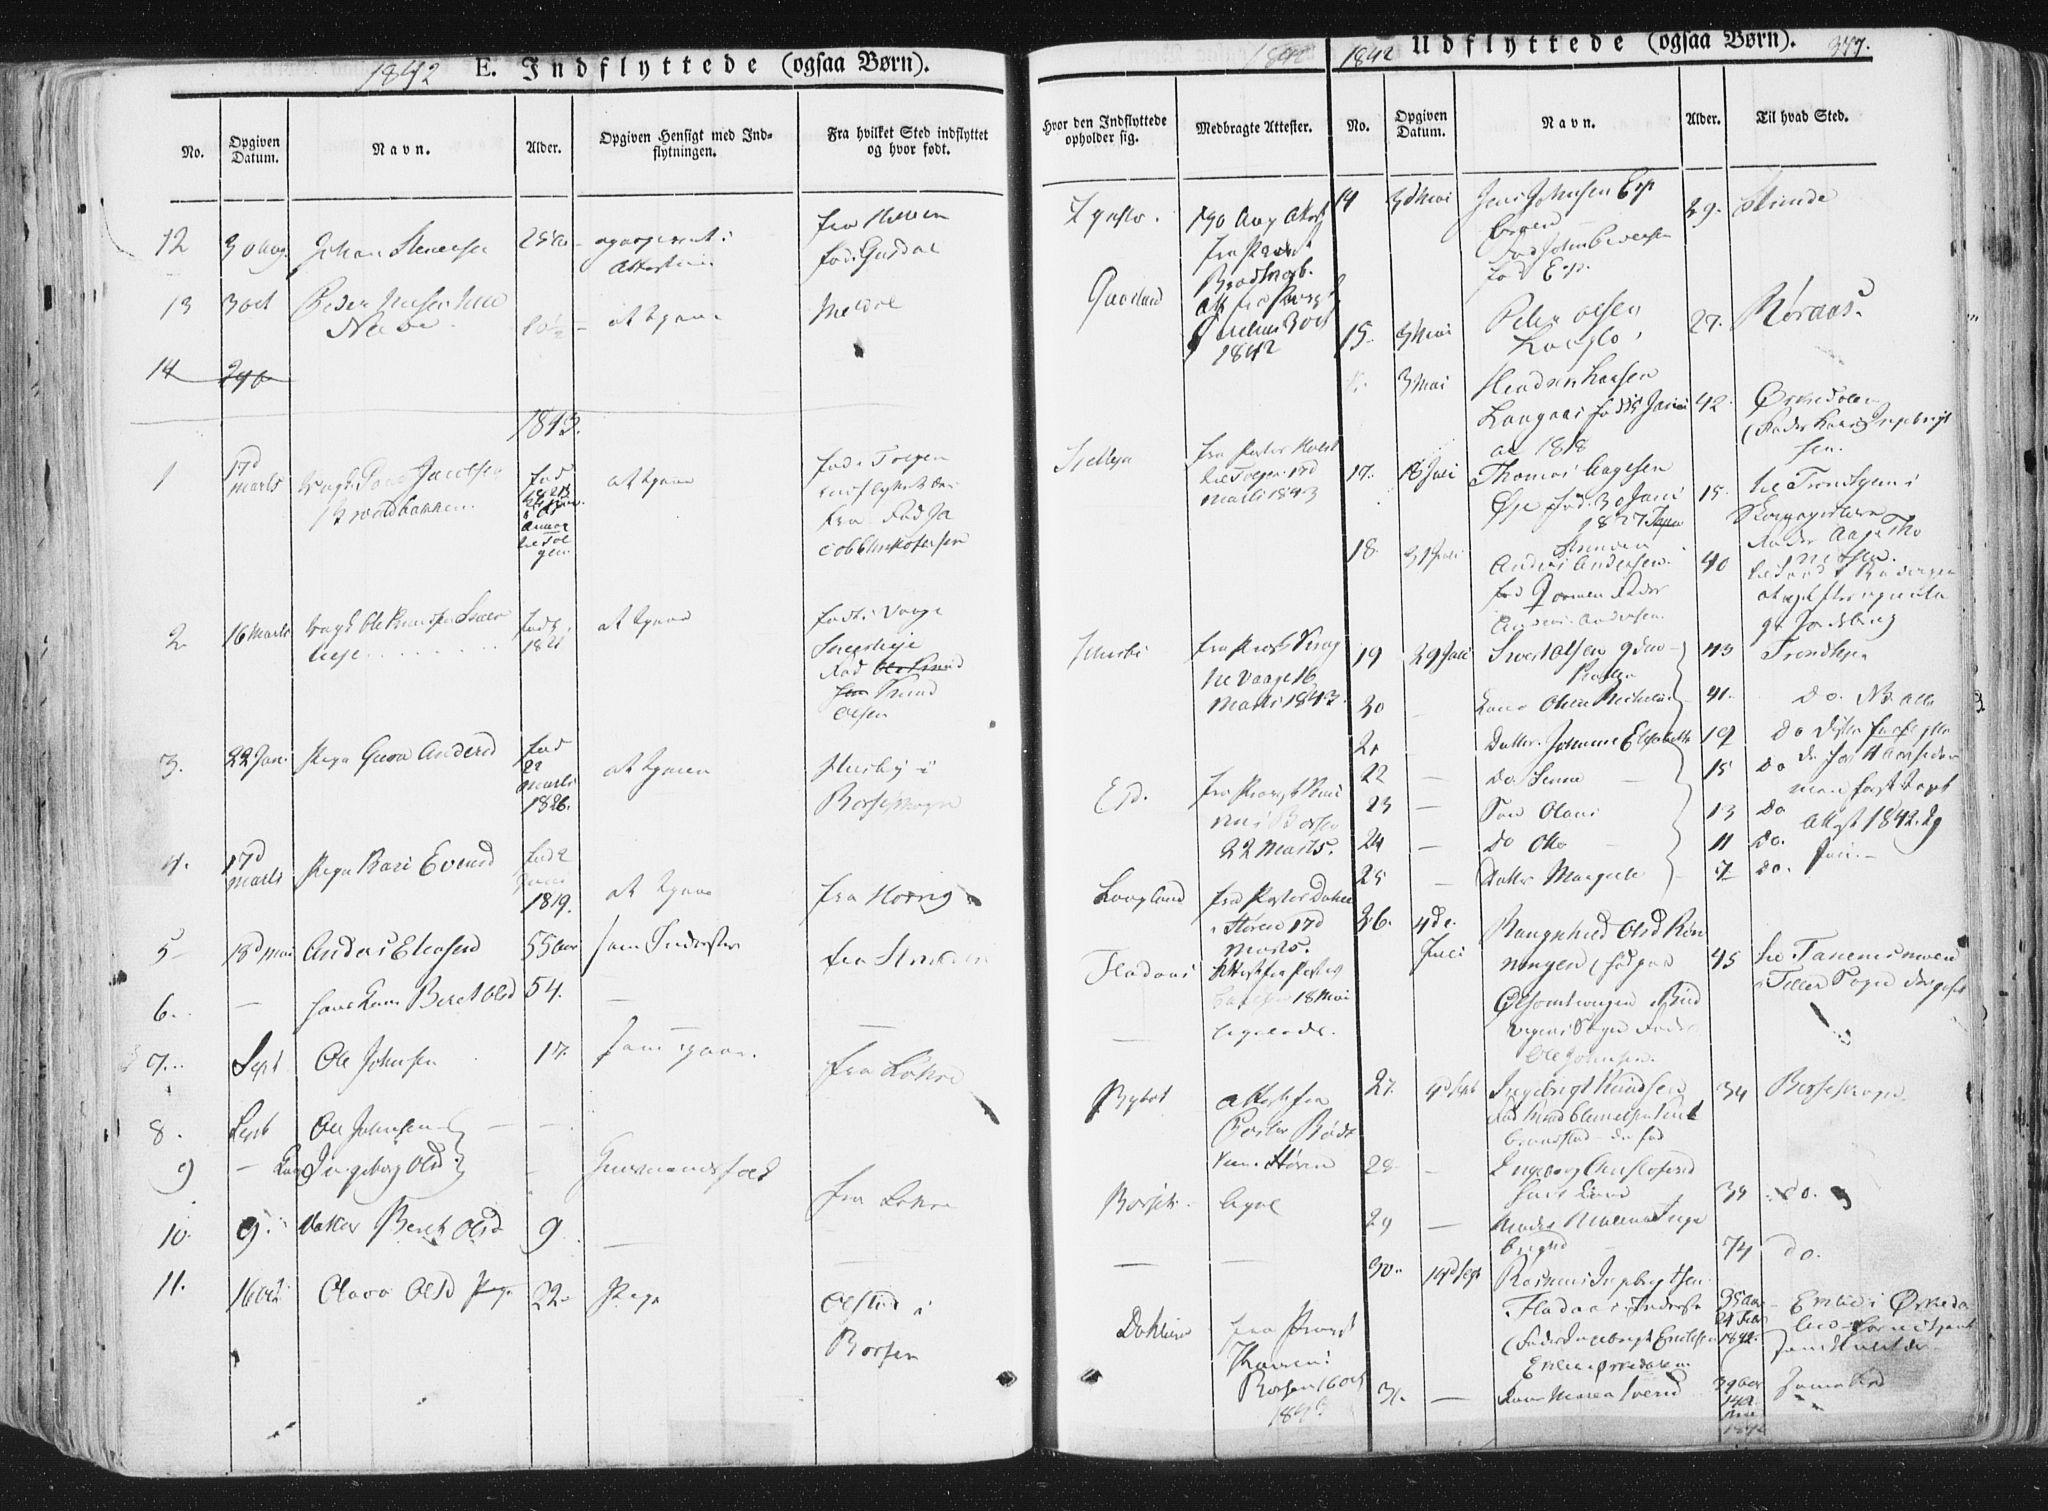 SAT, Ministerialprotokoller, klokkerbøker og fødselsregistre - Sør-Trøndelag, 691/L1074: Ministerialbok nr. 691A06, 1842-1852, s. 377